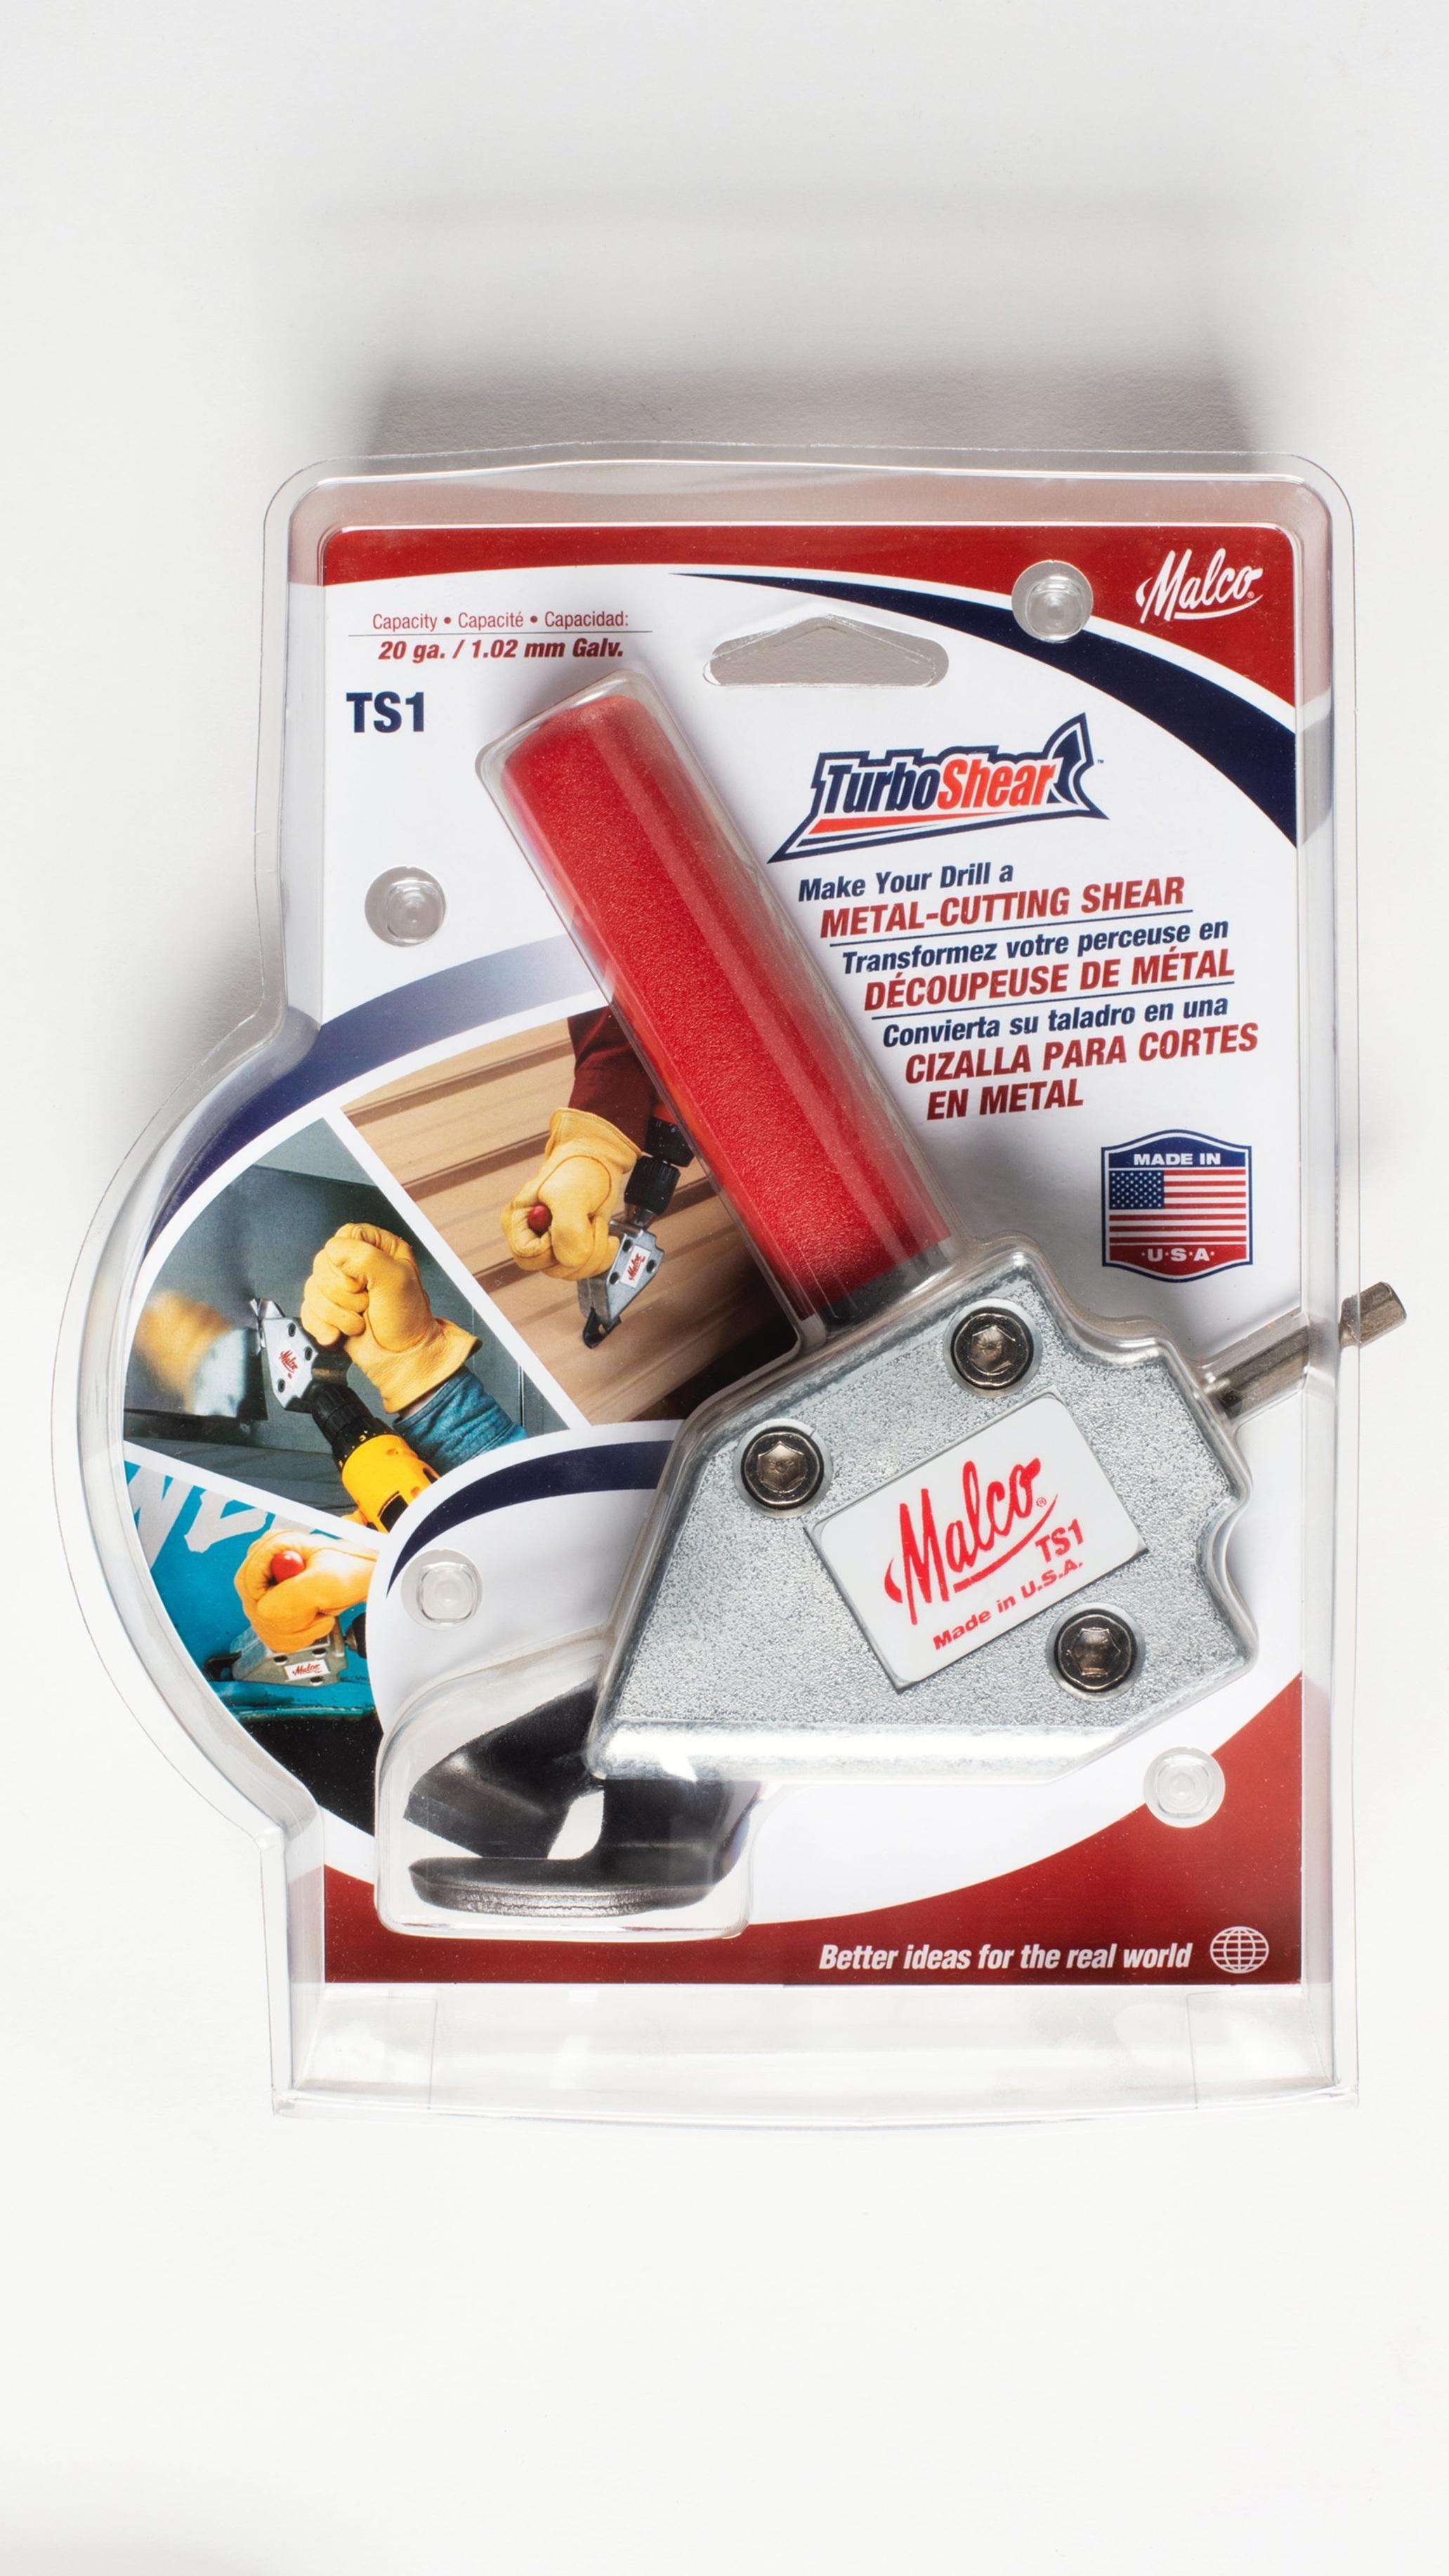 Malco TS1 Turbo Shear Metal Cutting Shear